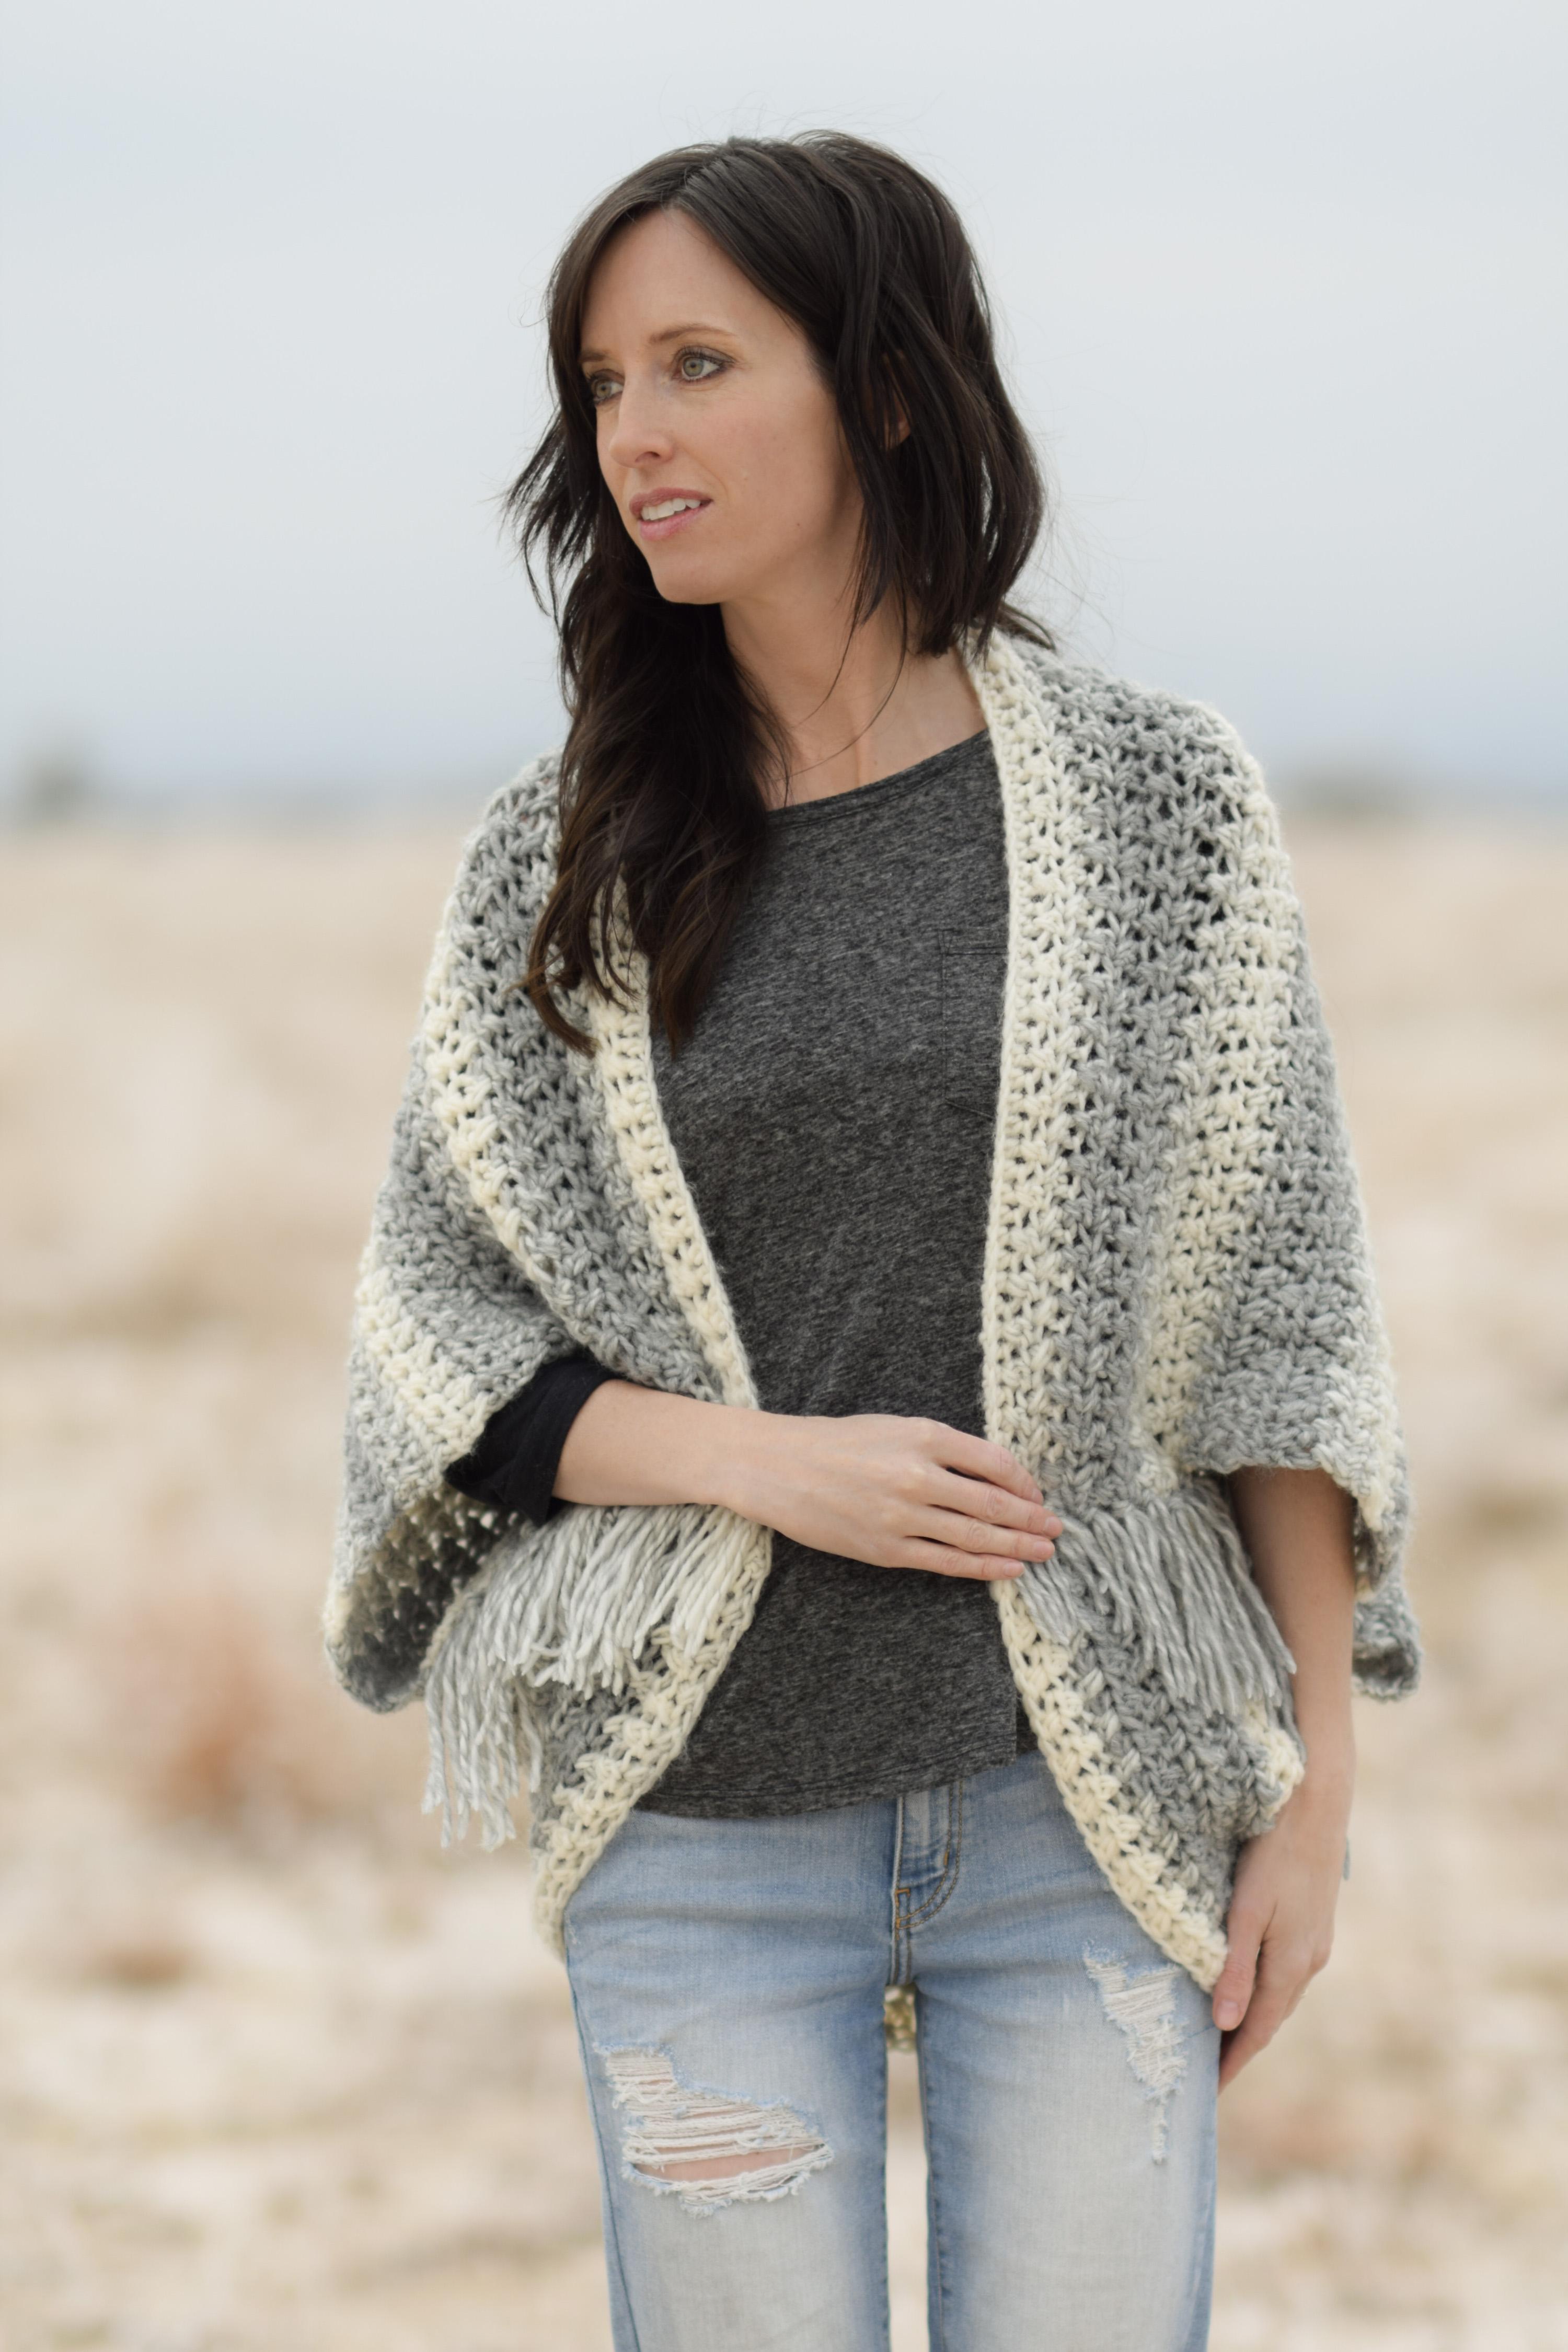 Light Frost Easy Blanket Sweater Crochet Kit